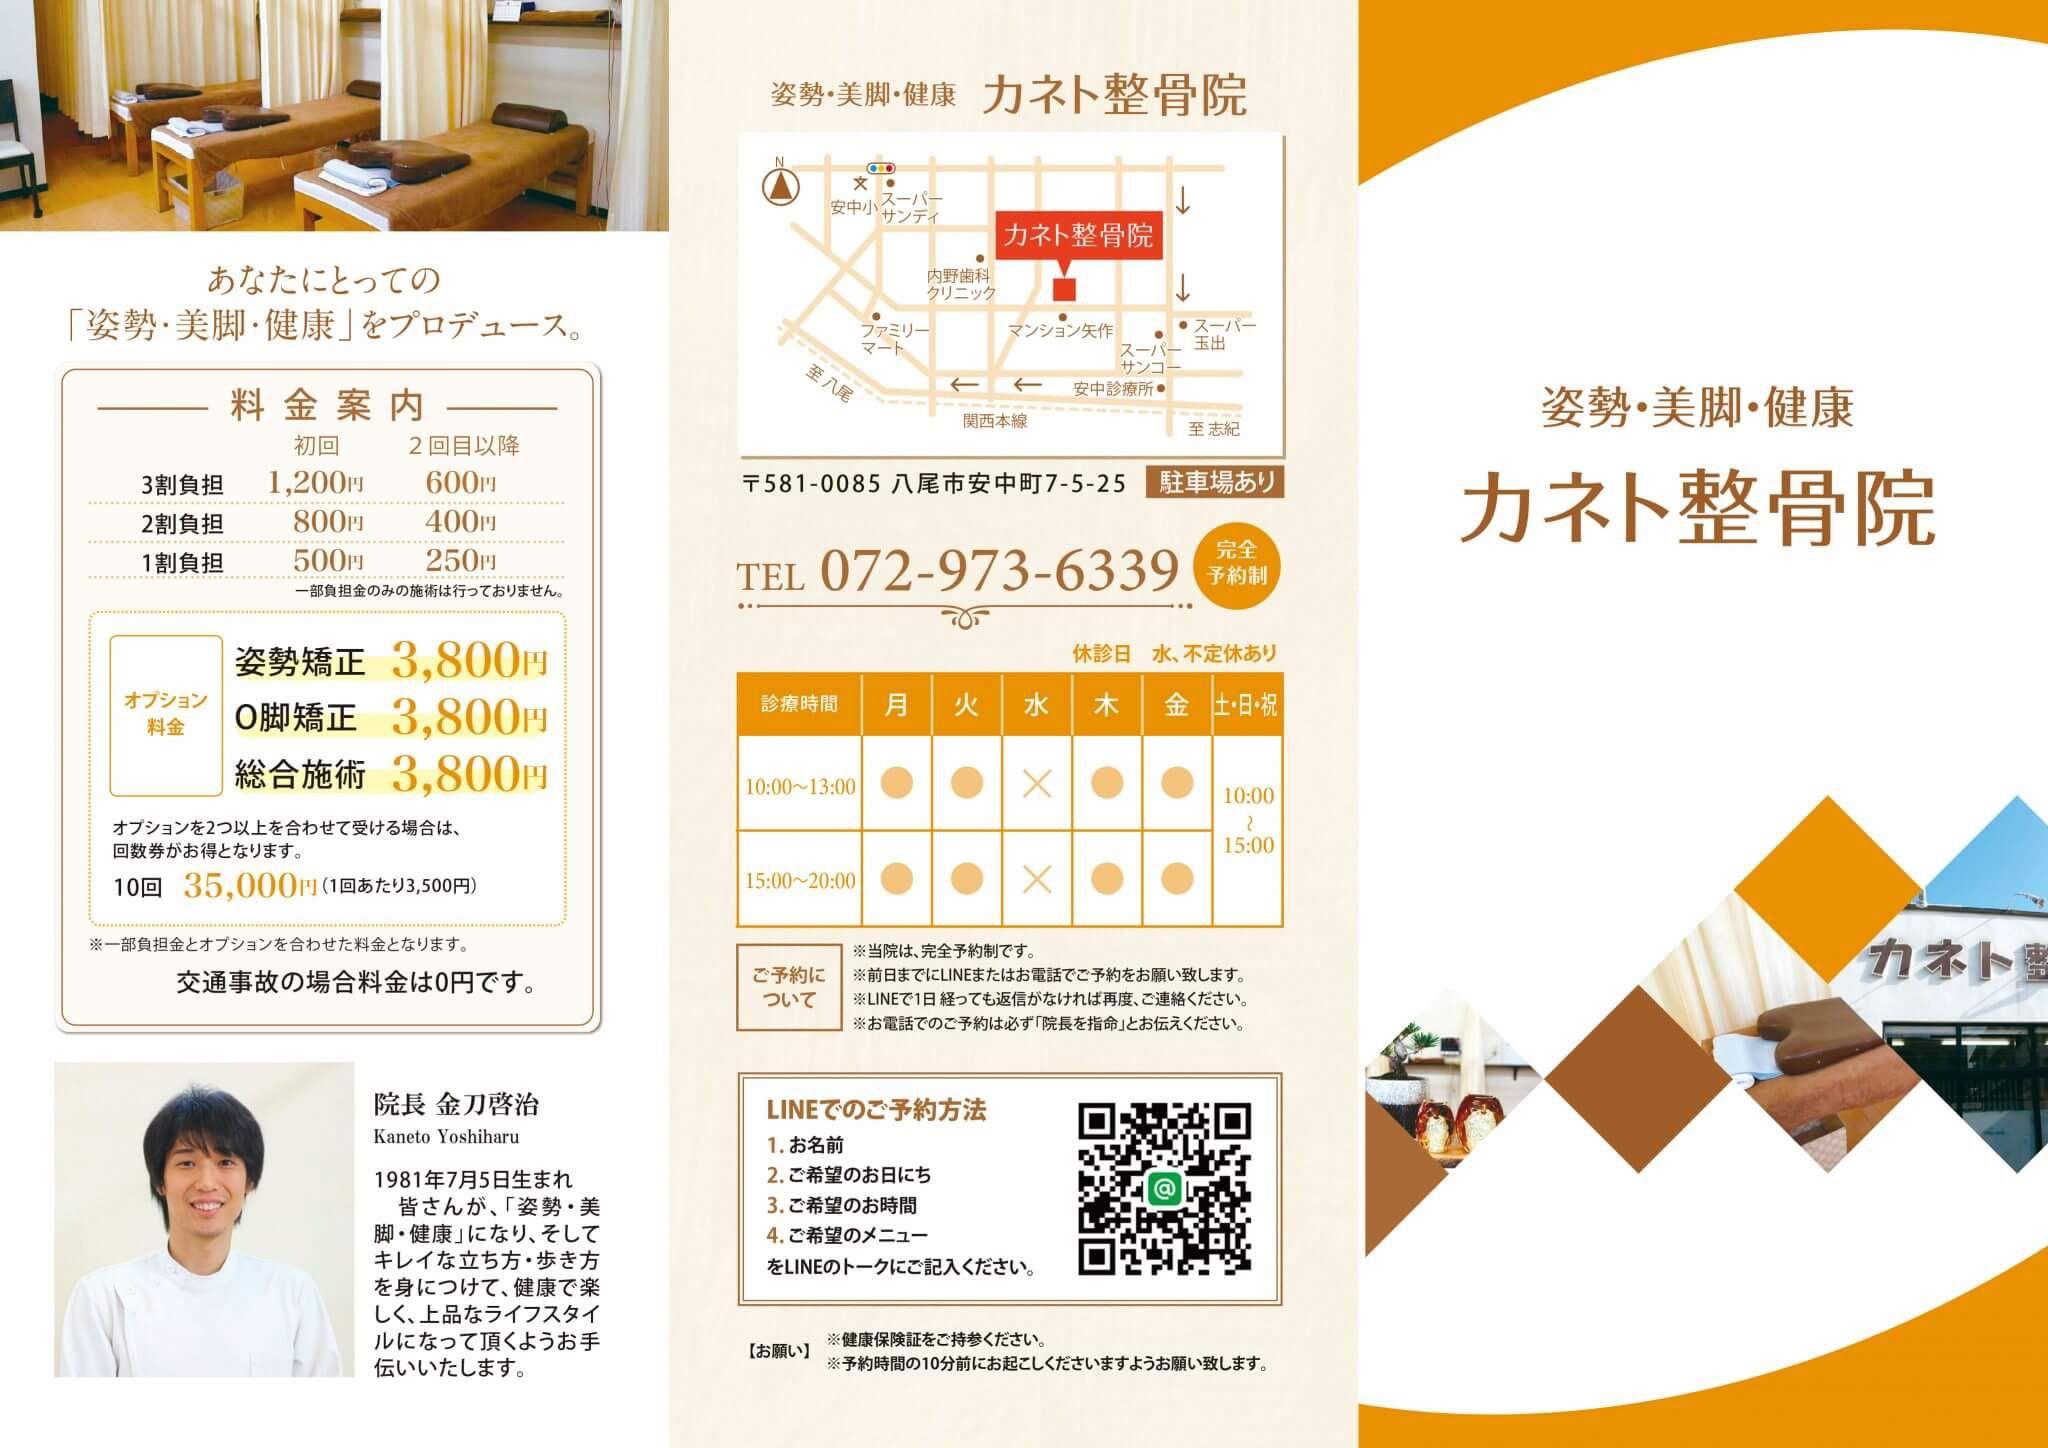 リーフレット おしゃれまとめの人気アイデア Pinterest Qiqiqiqi パンフレット デザイン リーフレット リーフレット デザイン